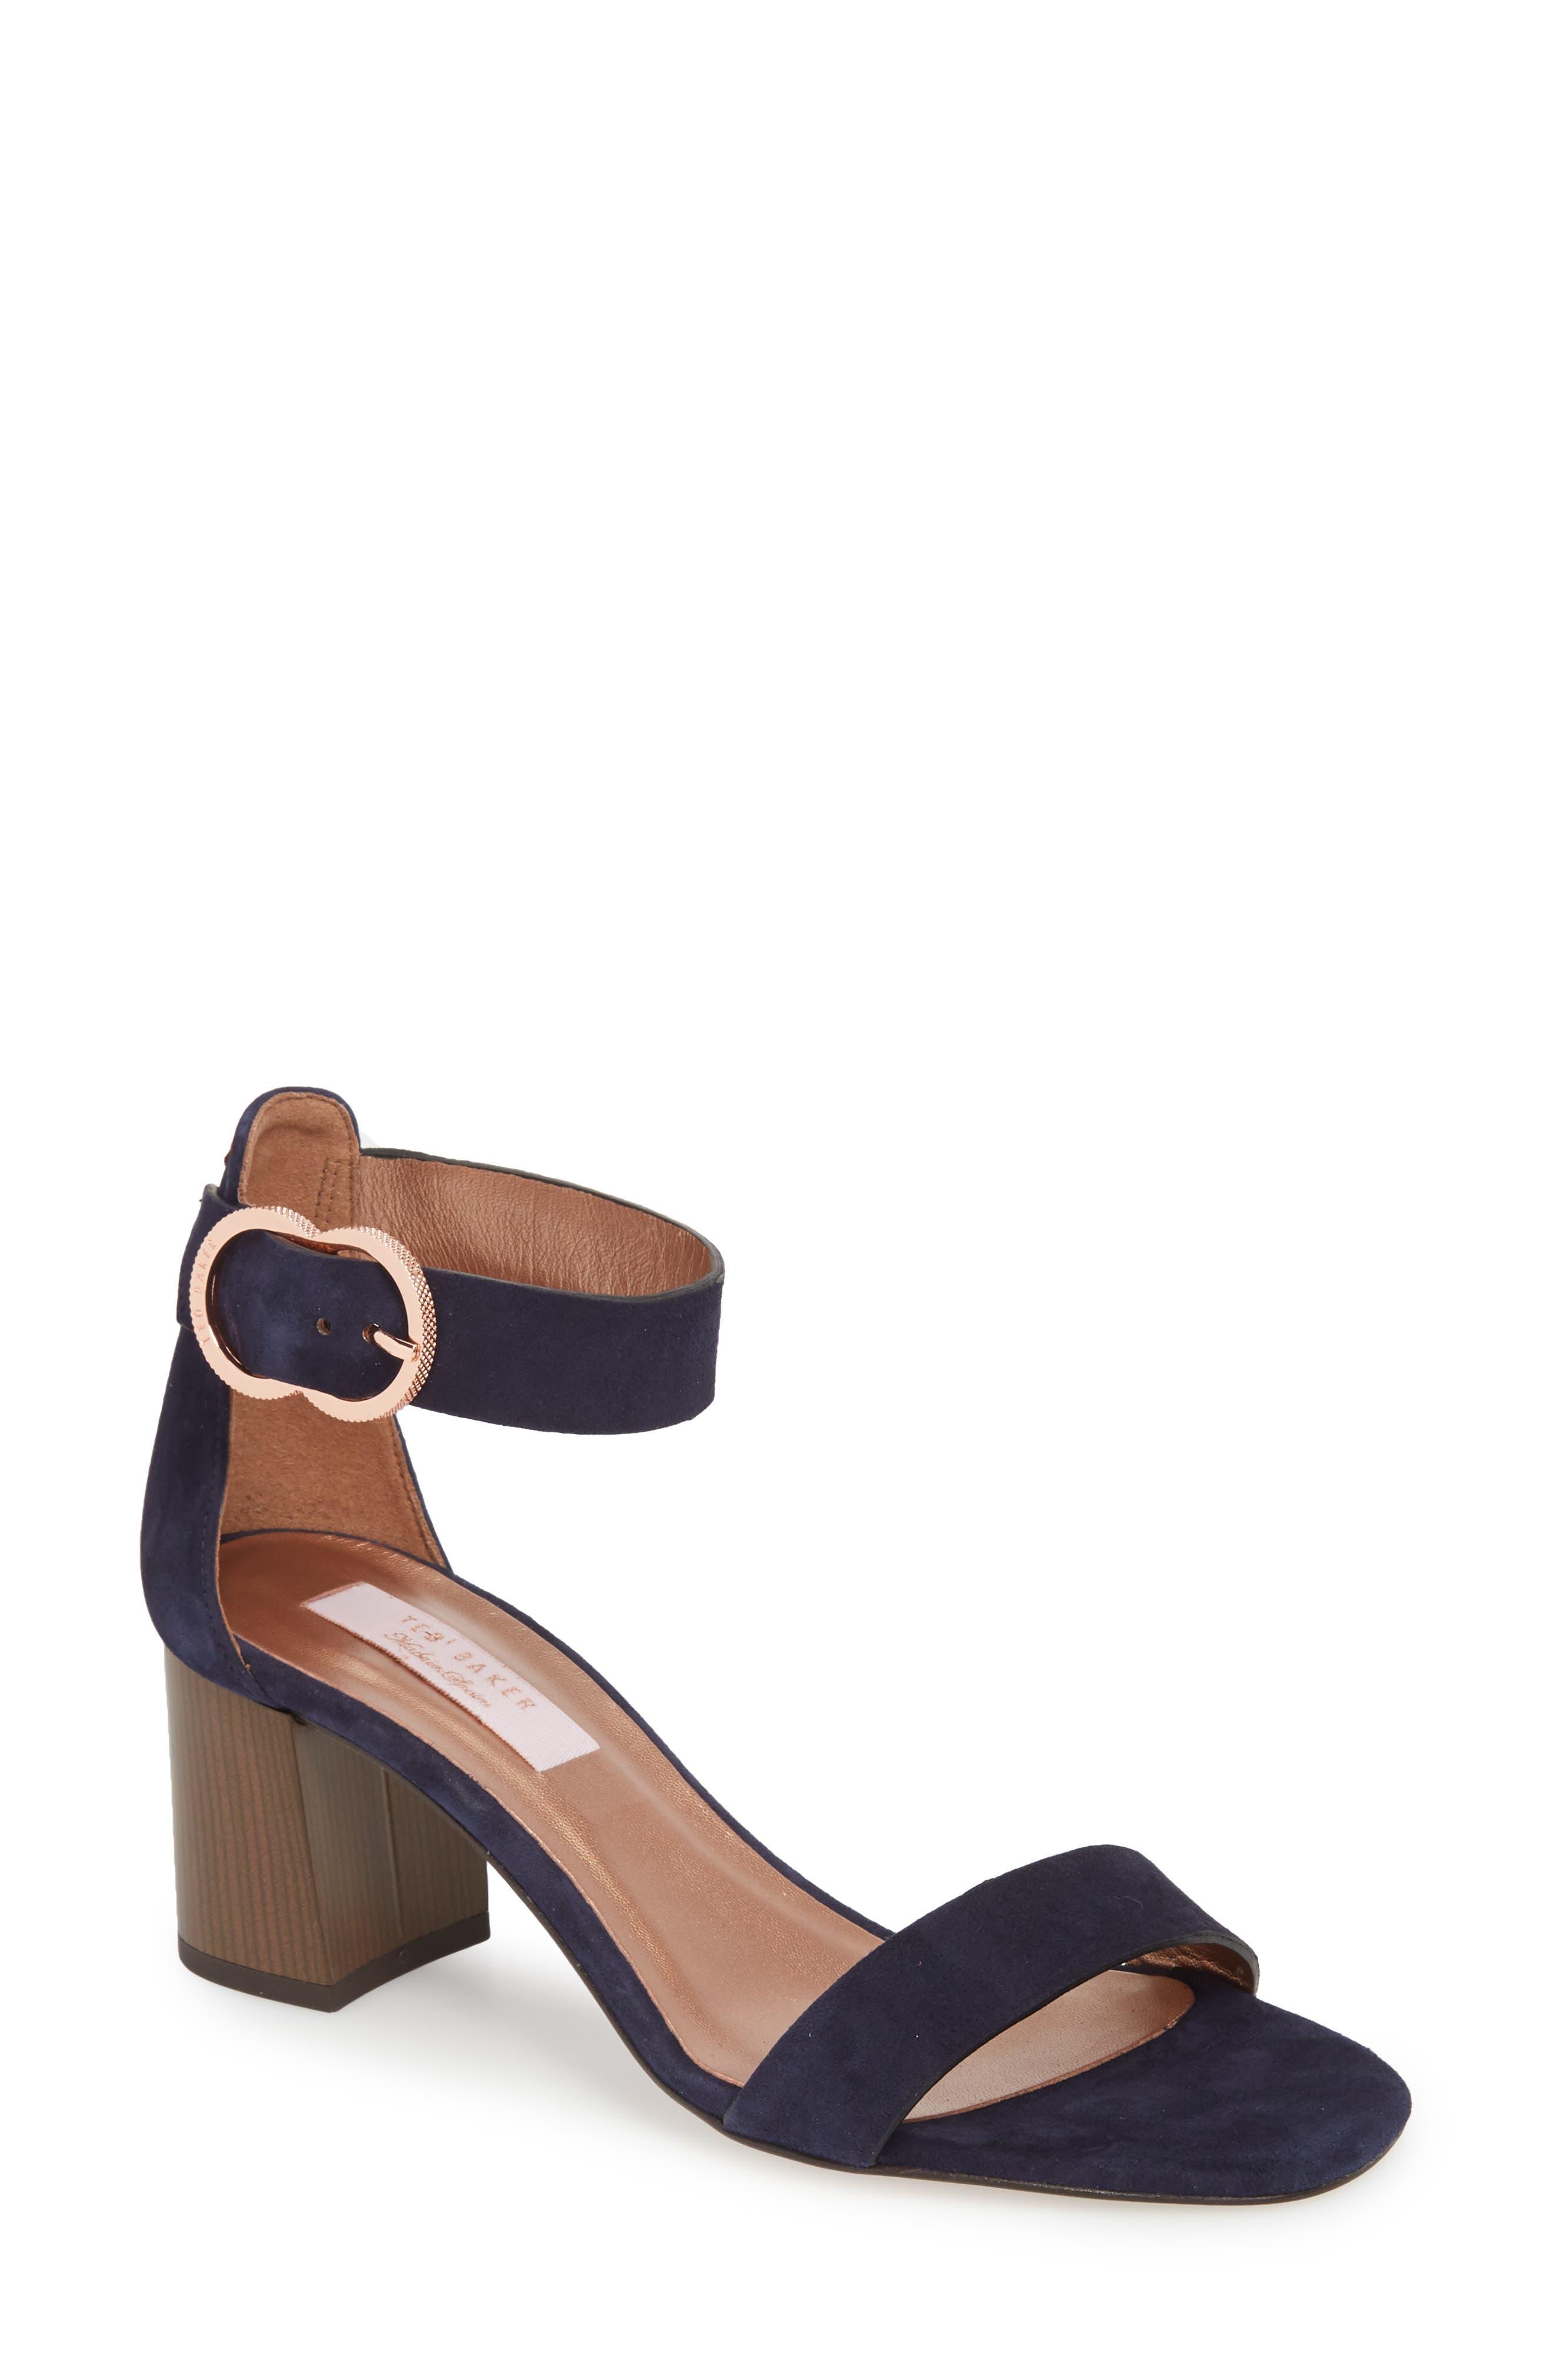 Ted Baker London Qarvas Sandal (Women)